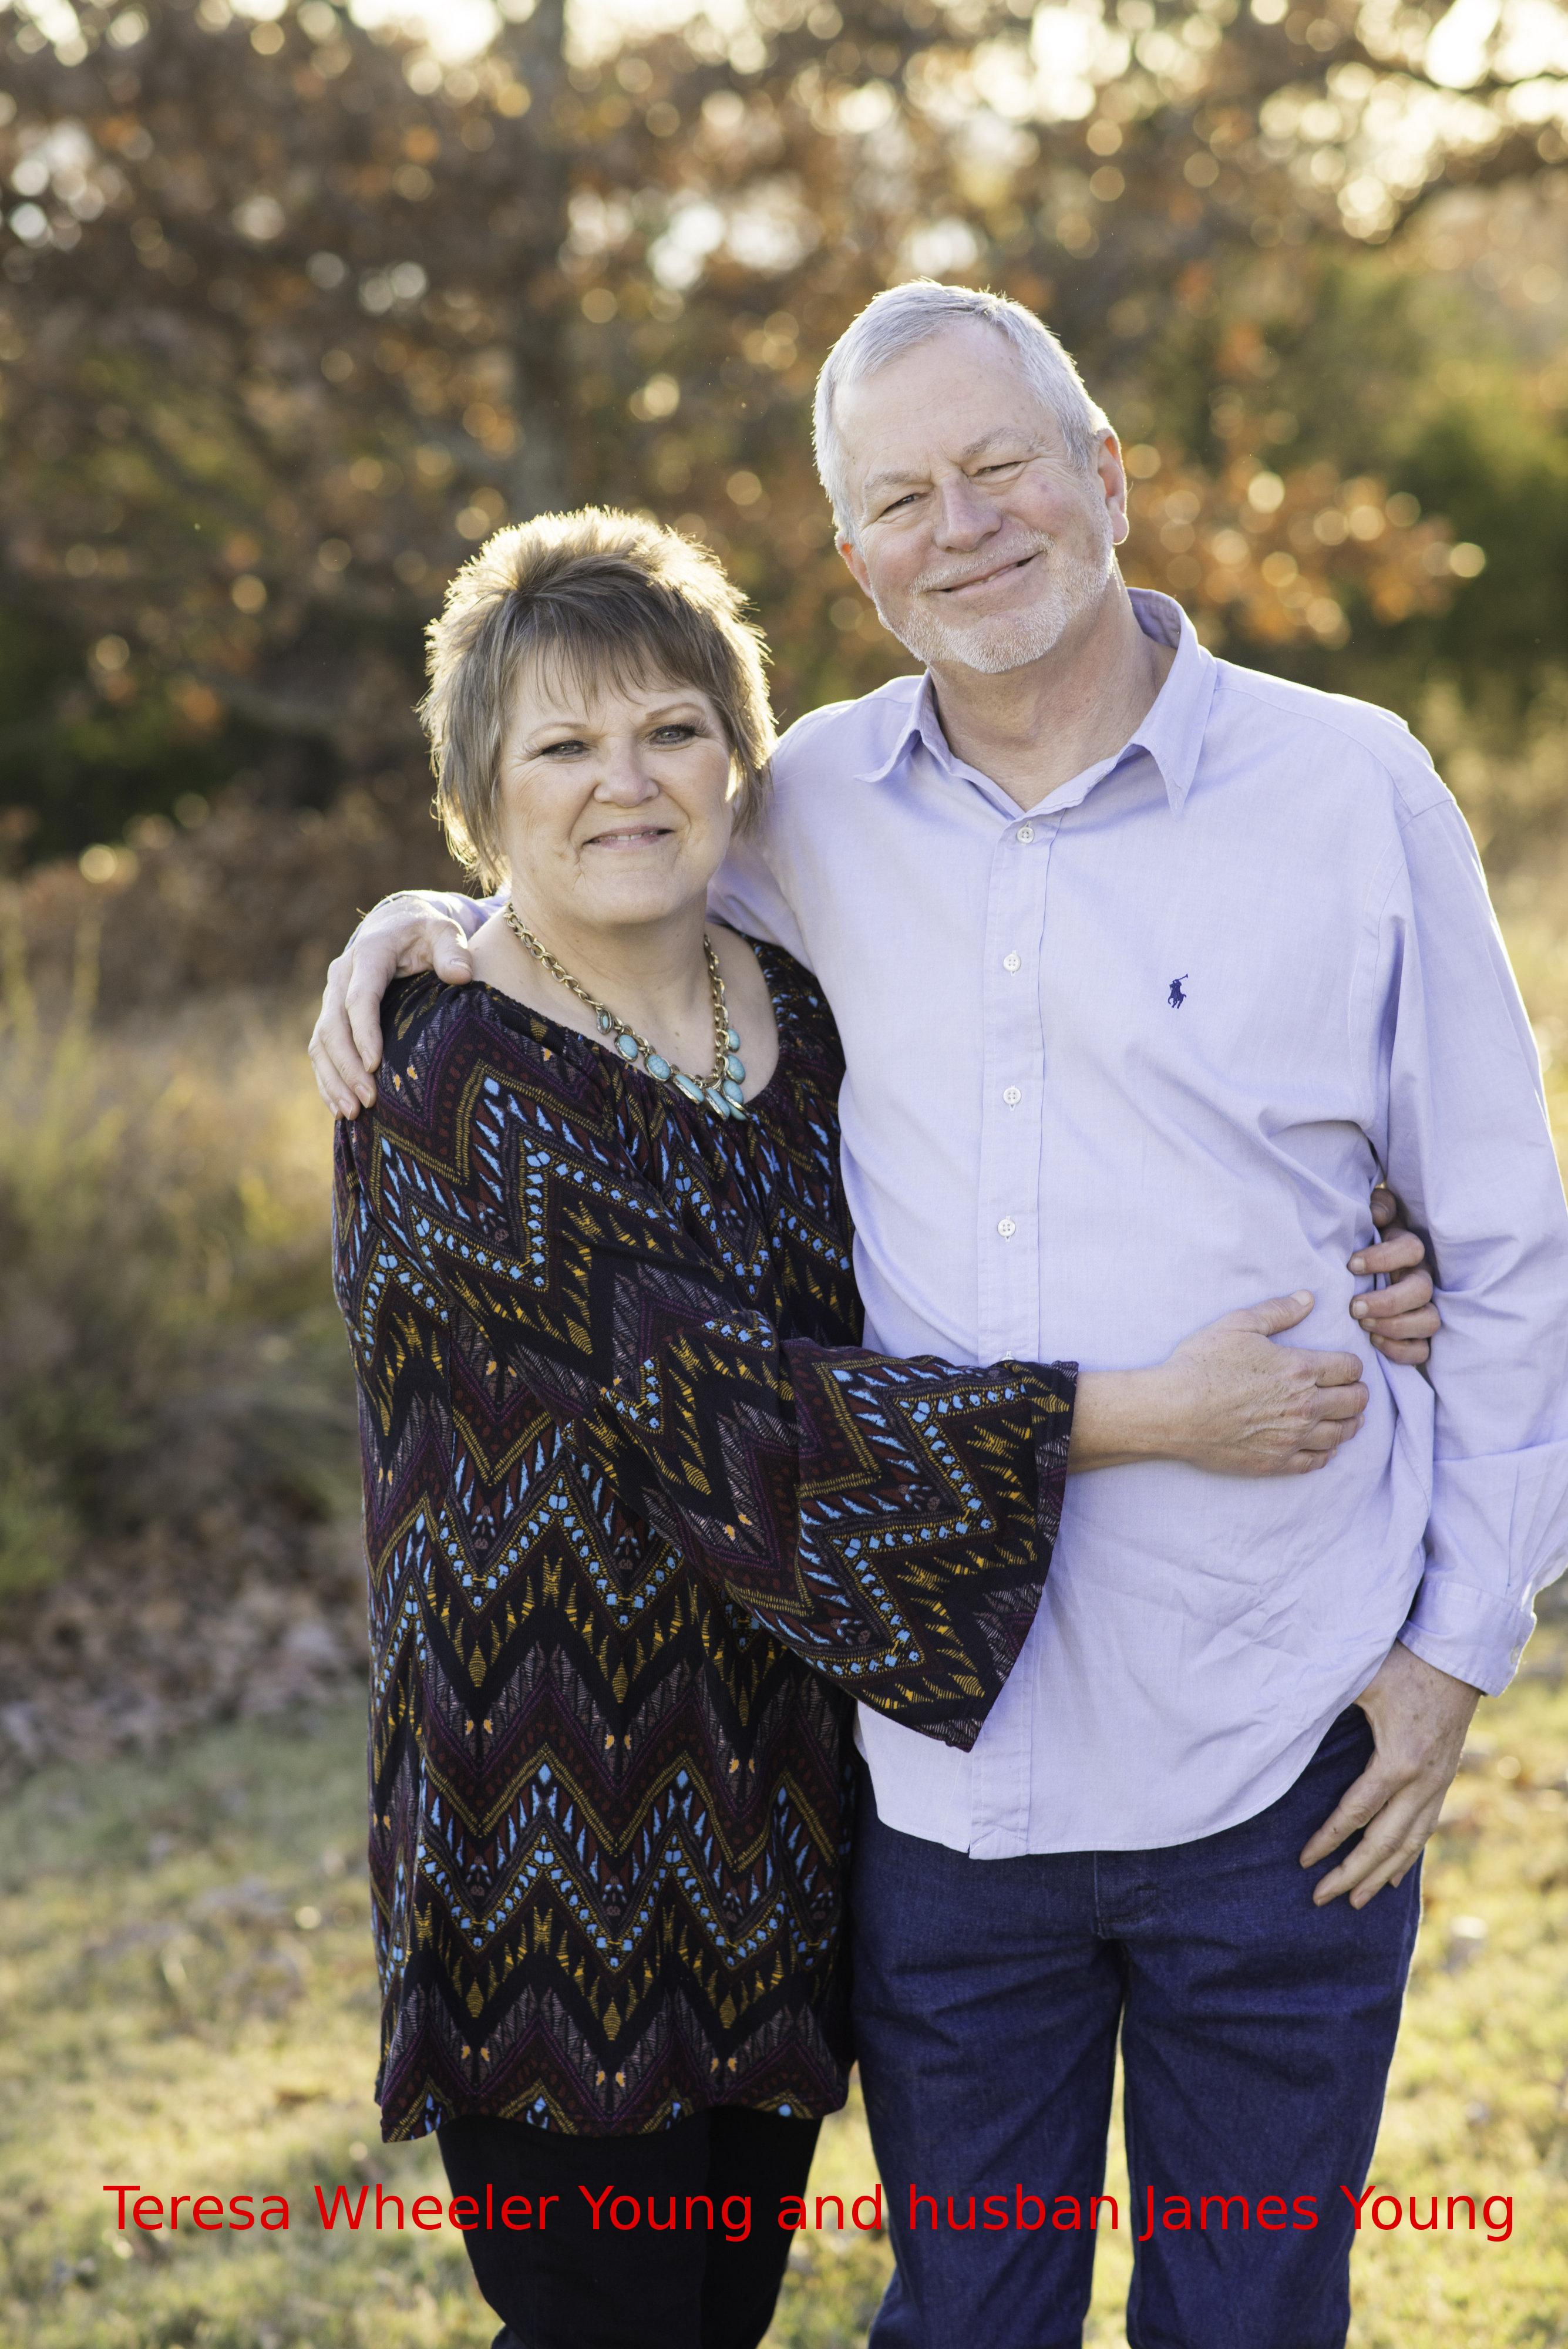 Teresa and James Young